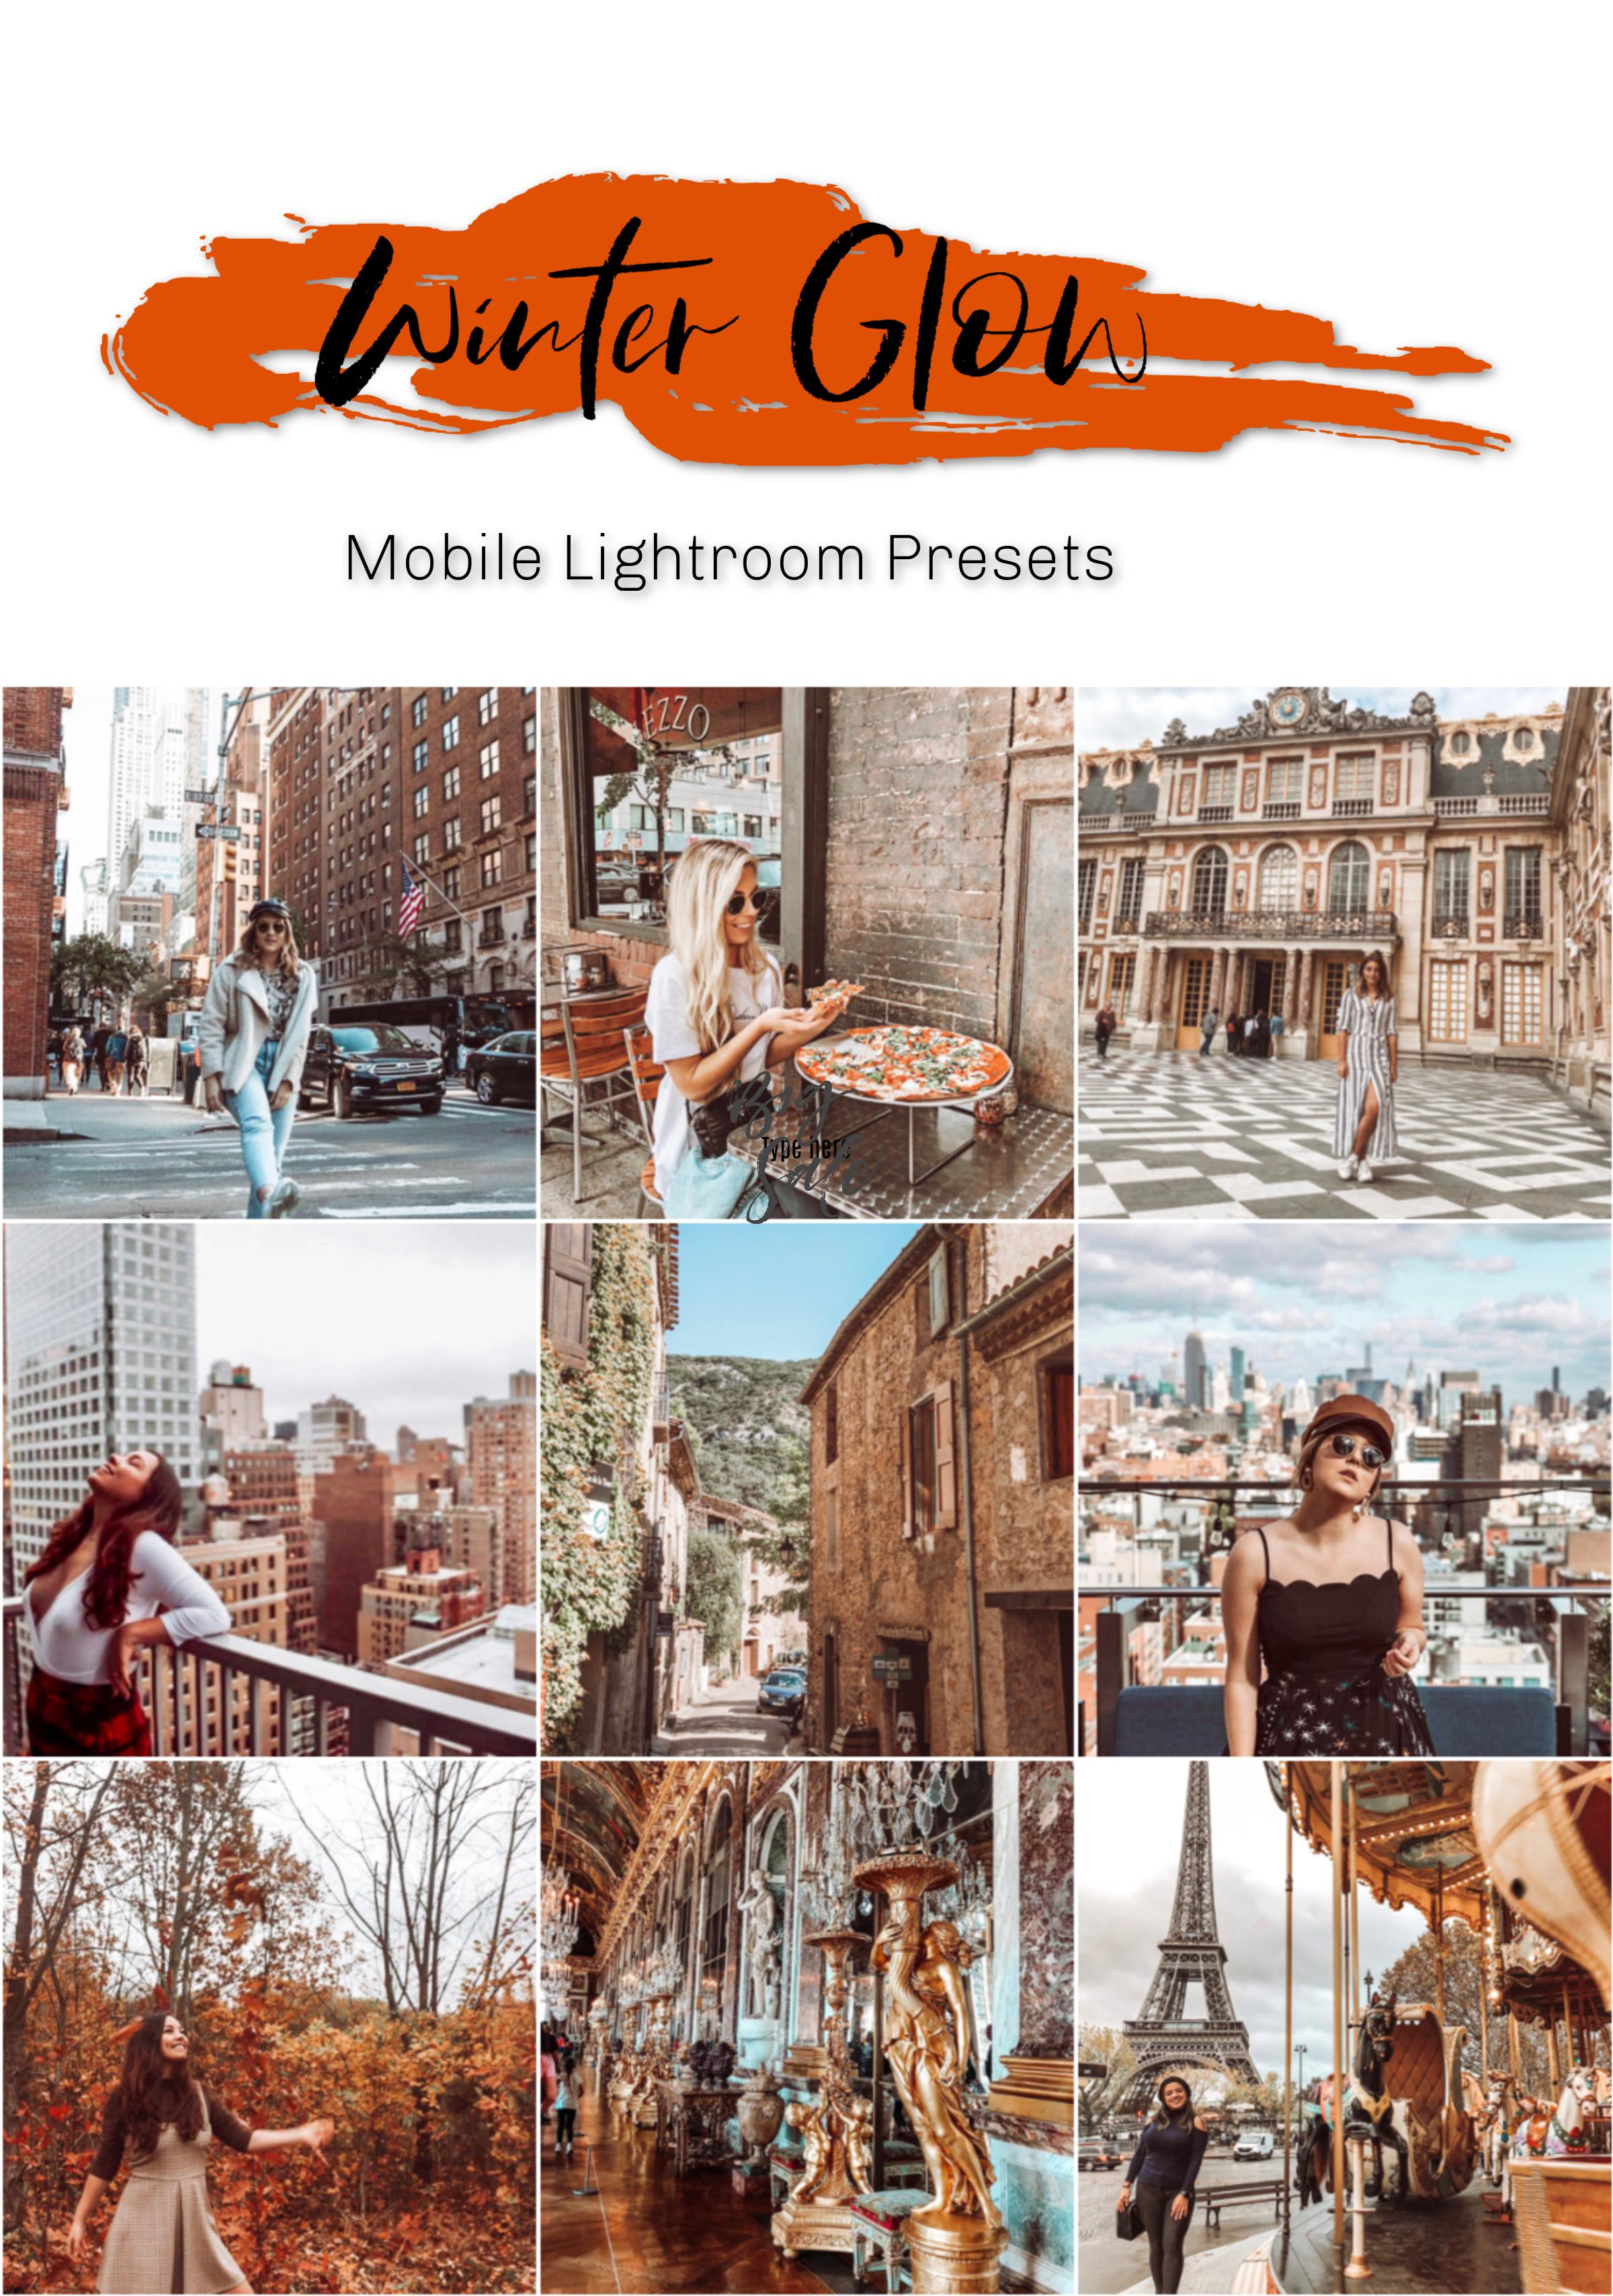 Lightroom Mobile Presets Instagram Presets Warm Mobile Etsy Lightroom Presets Lightroom Free Lightroom Presets Portraits